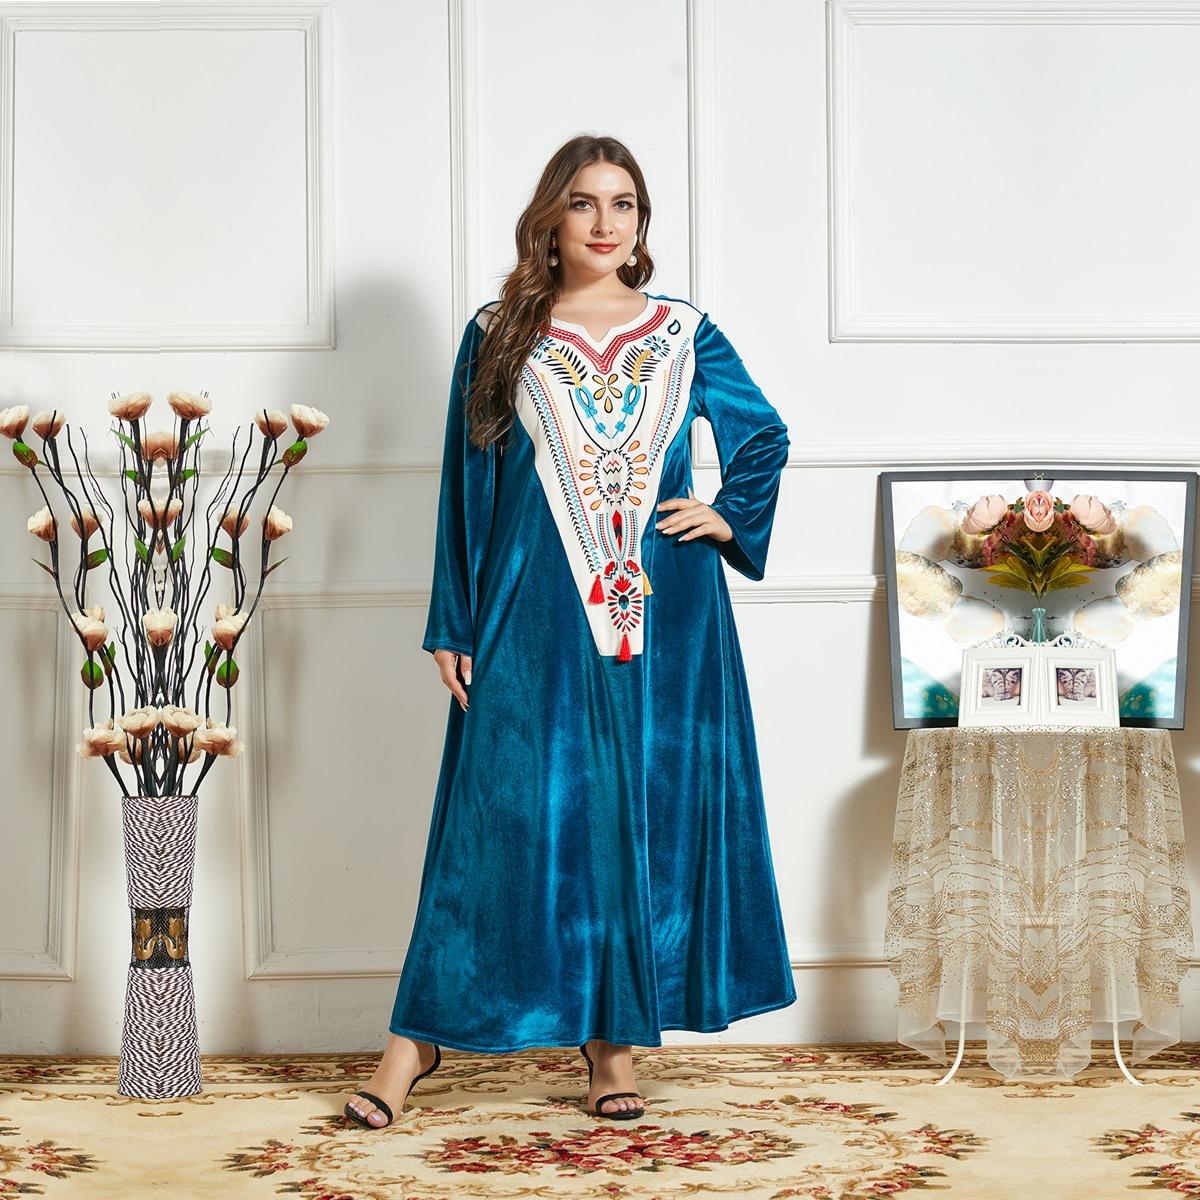 Вышивка Этнический Бохо Платья размер плюс